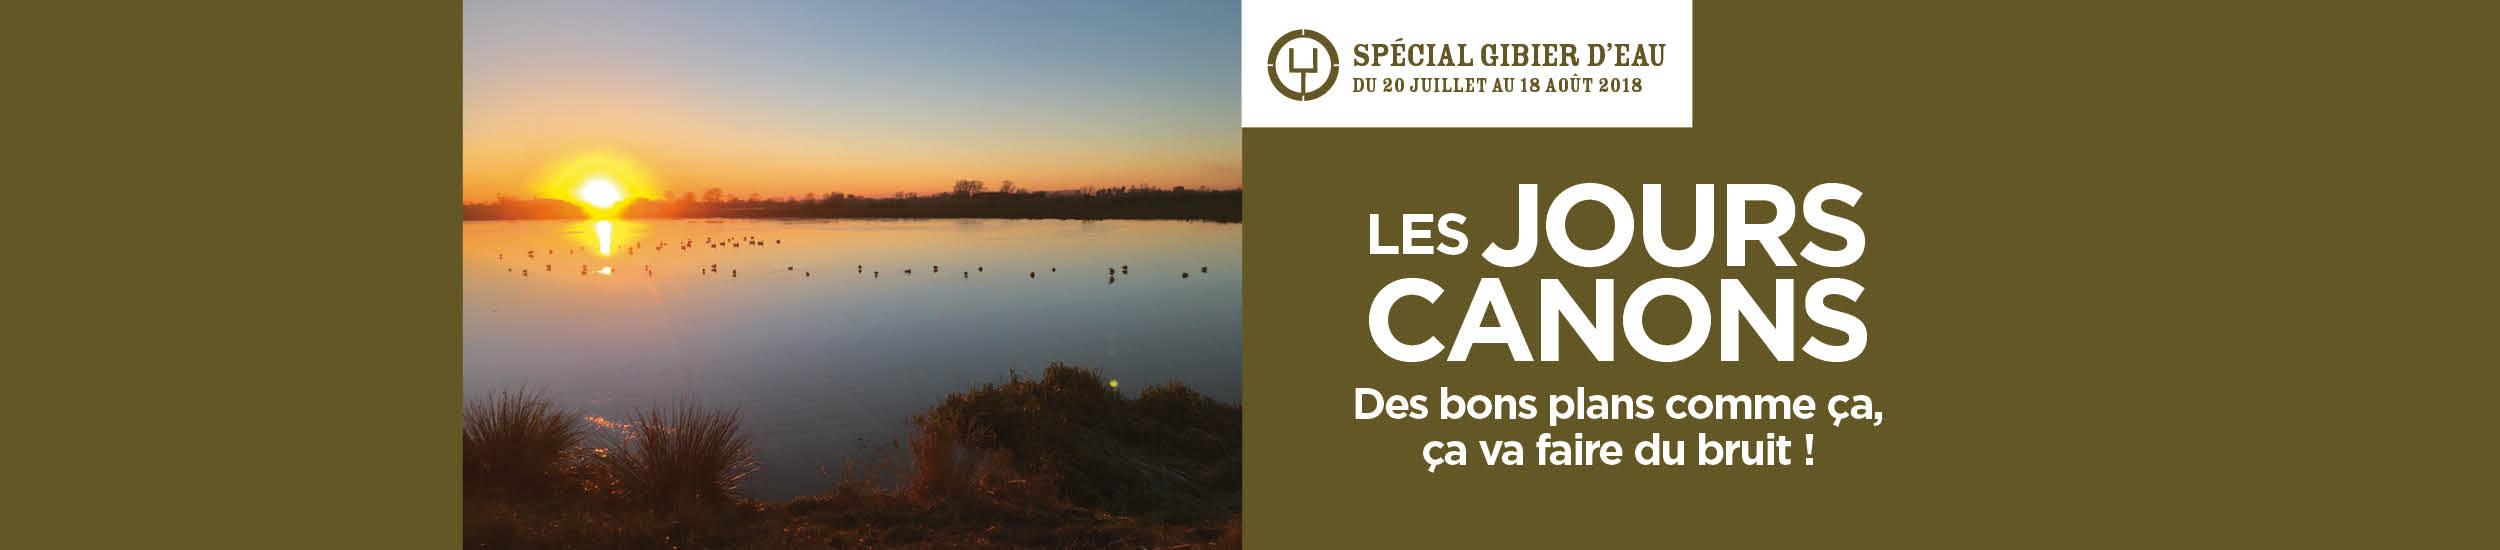 LES JOURS CANONS !